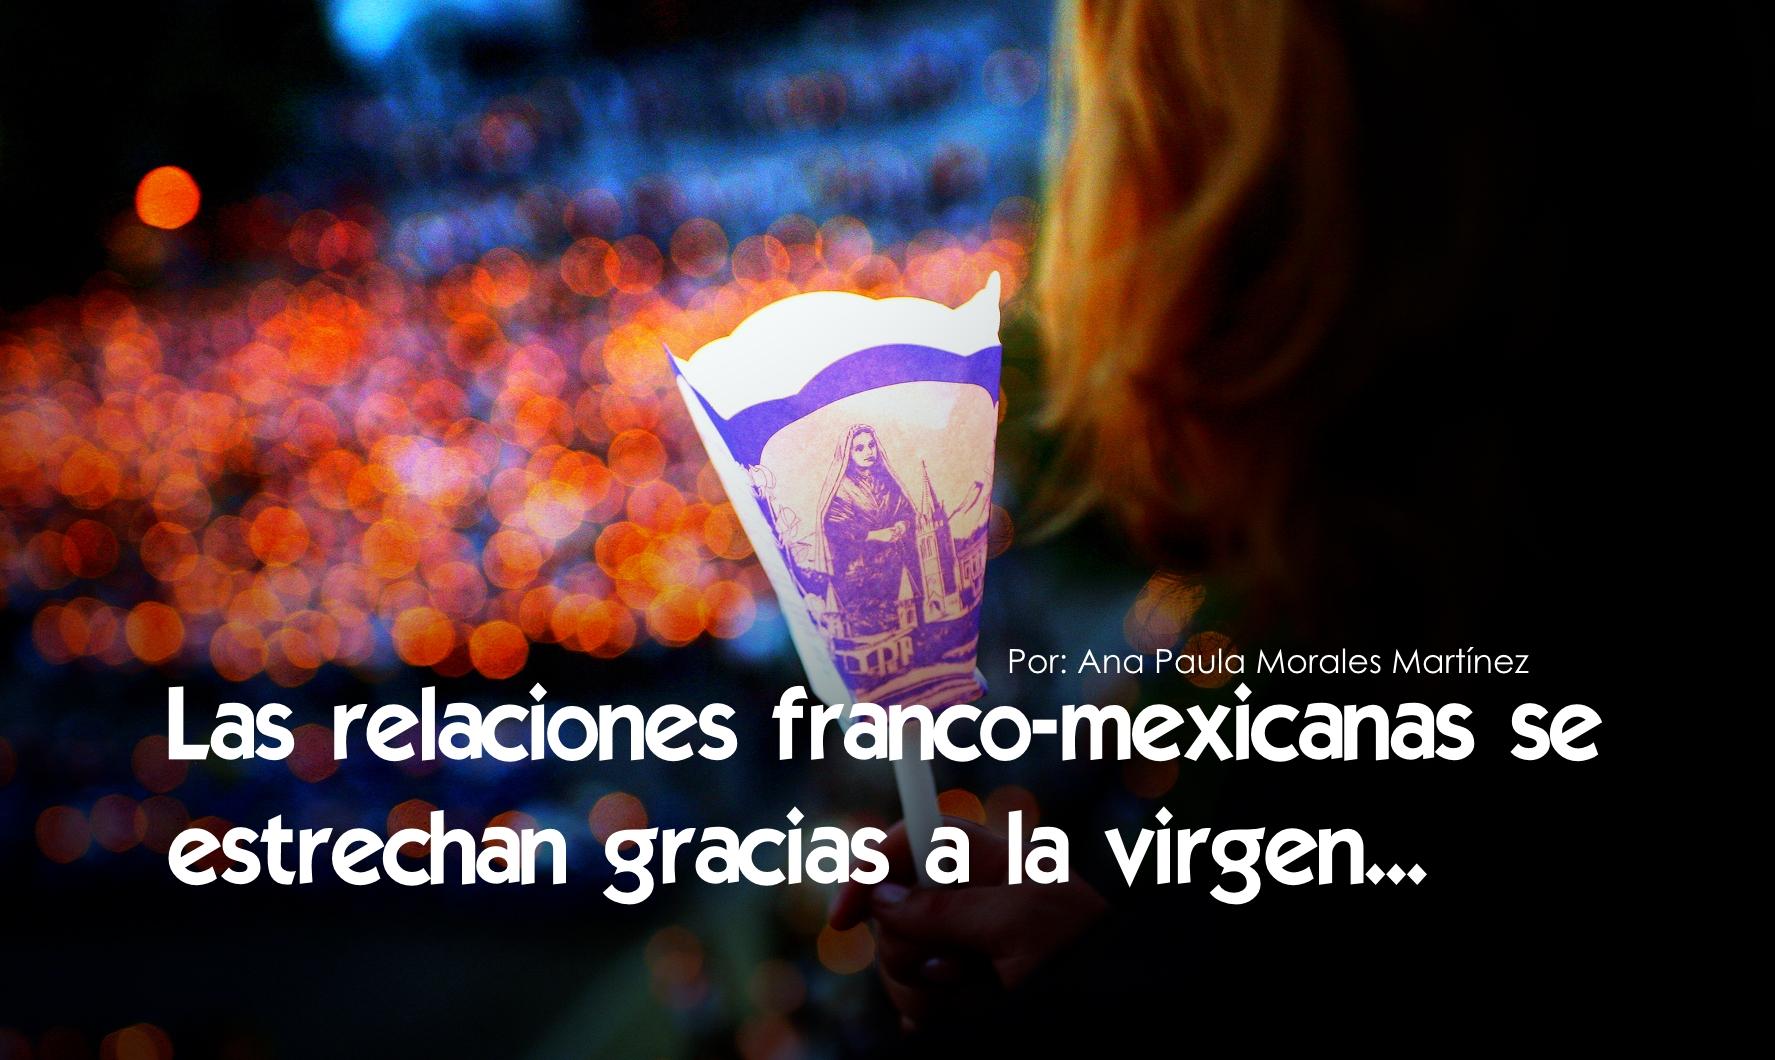 Las relaciones franco-mexicanas se estrechan gracias a la virgen